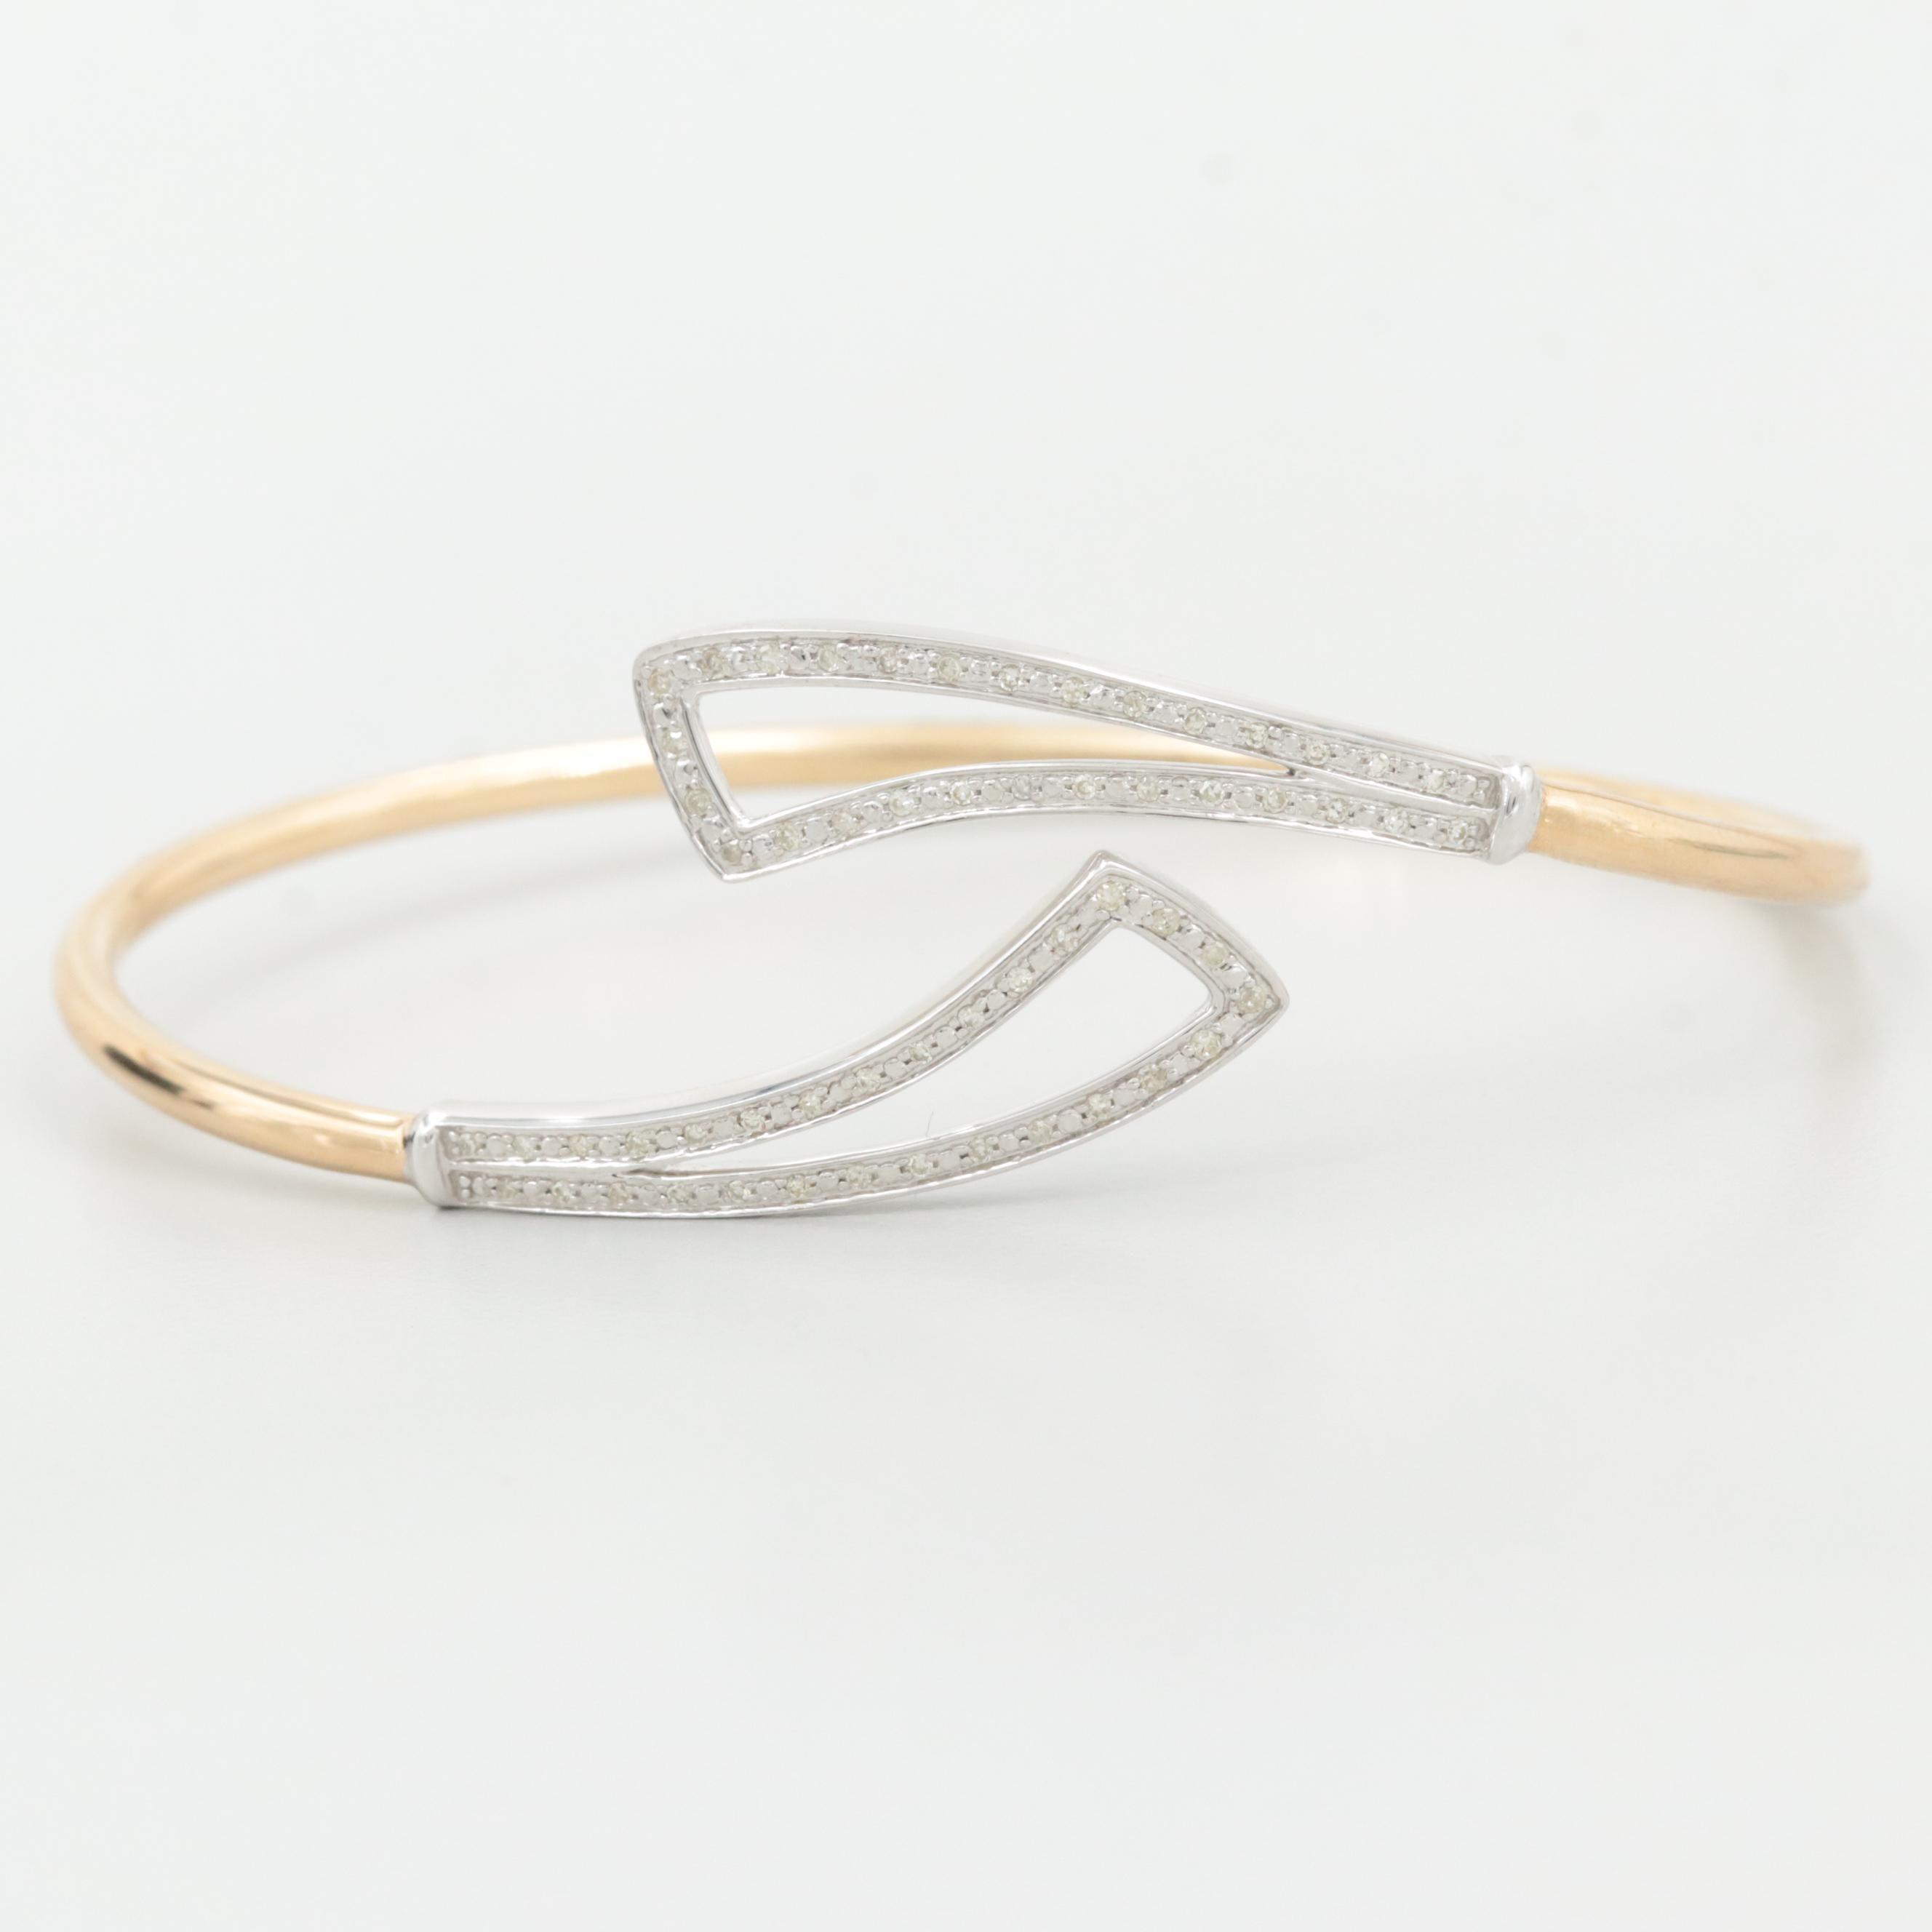 10K Yellow and White Gold Diamond Bracelet